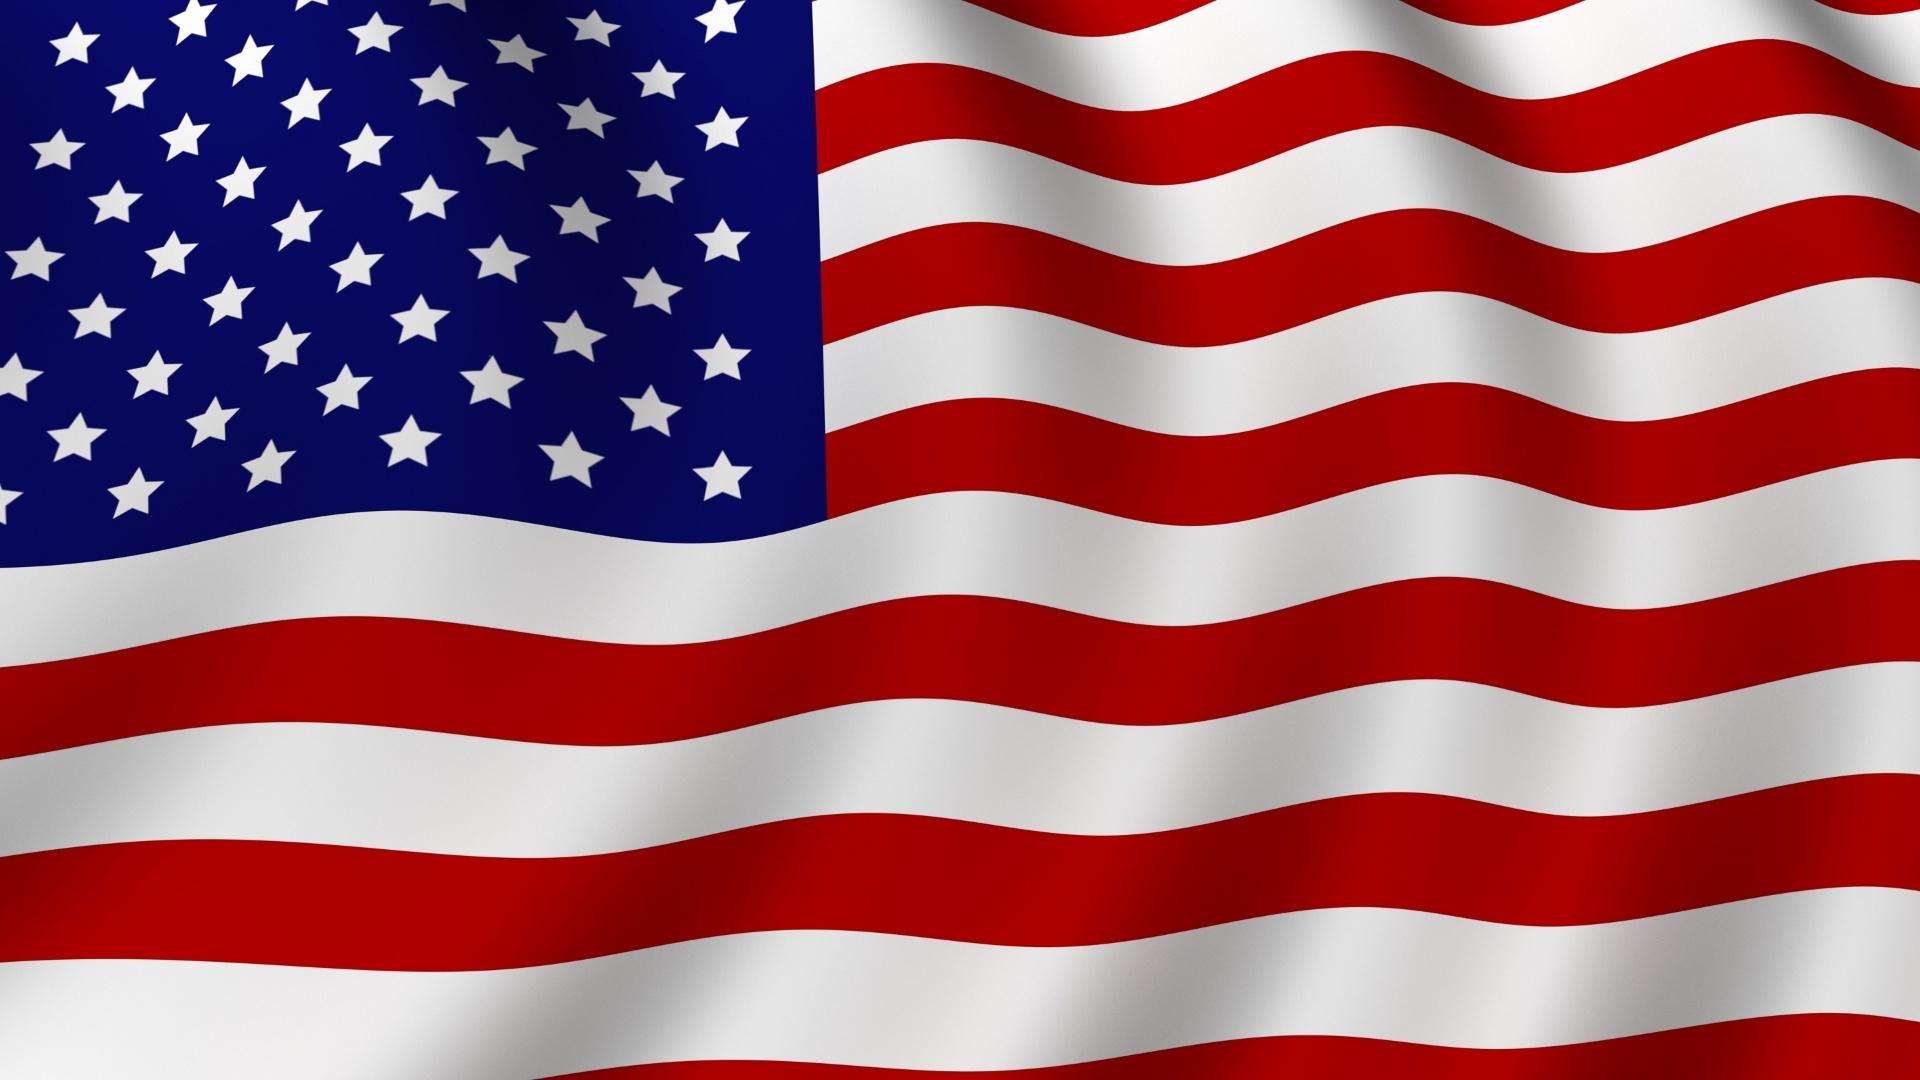 أمريكا: كوريا الشمالية تشكل تهديد عاجل لنا ولحلفاؤنا